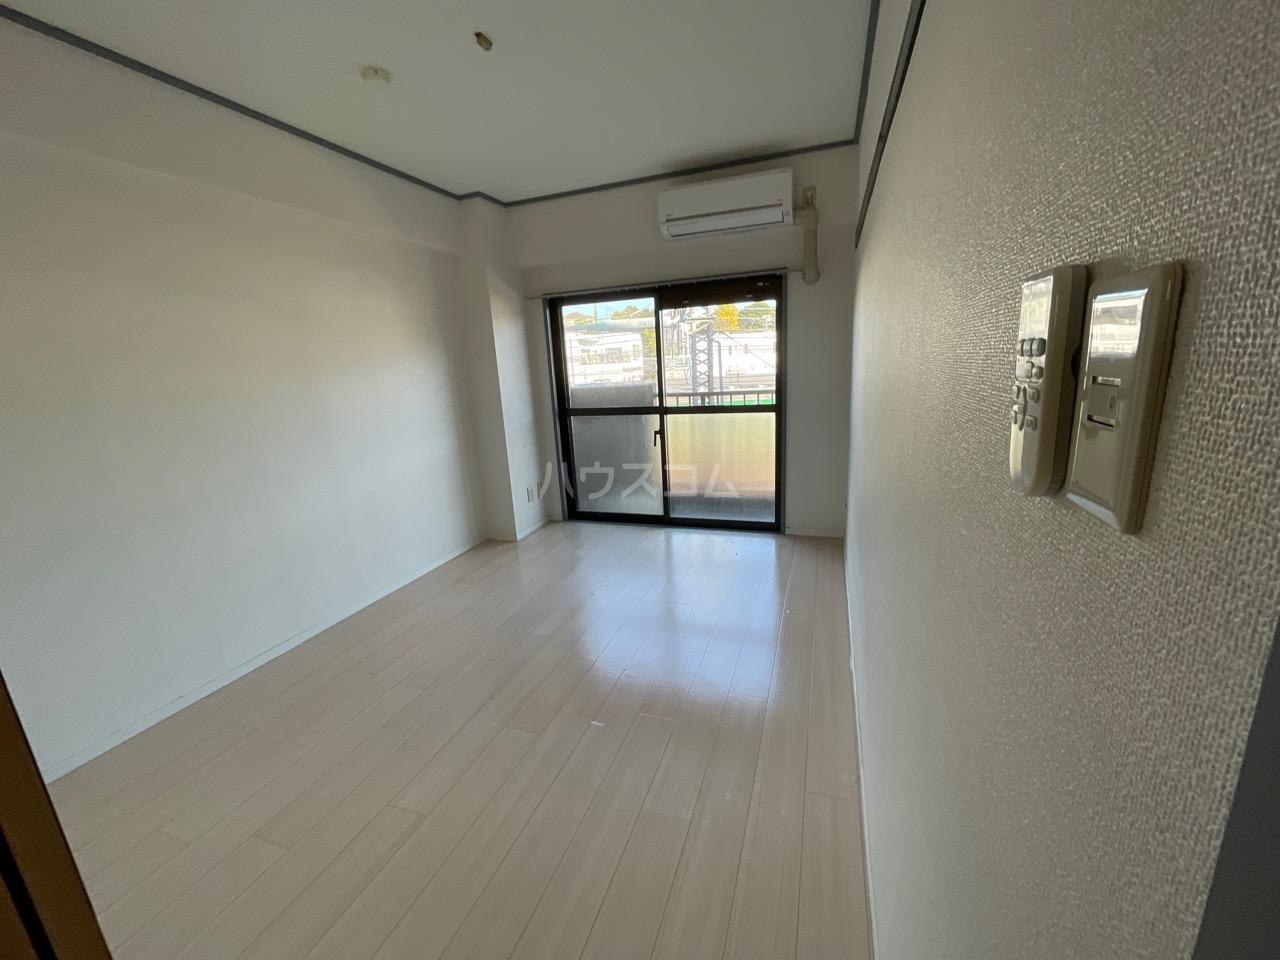 セーフズマンション 304号室のリビング